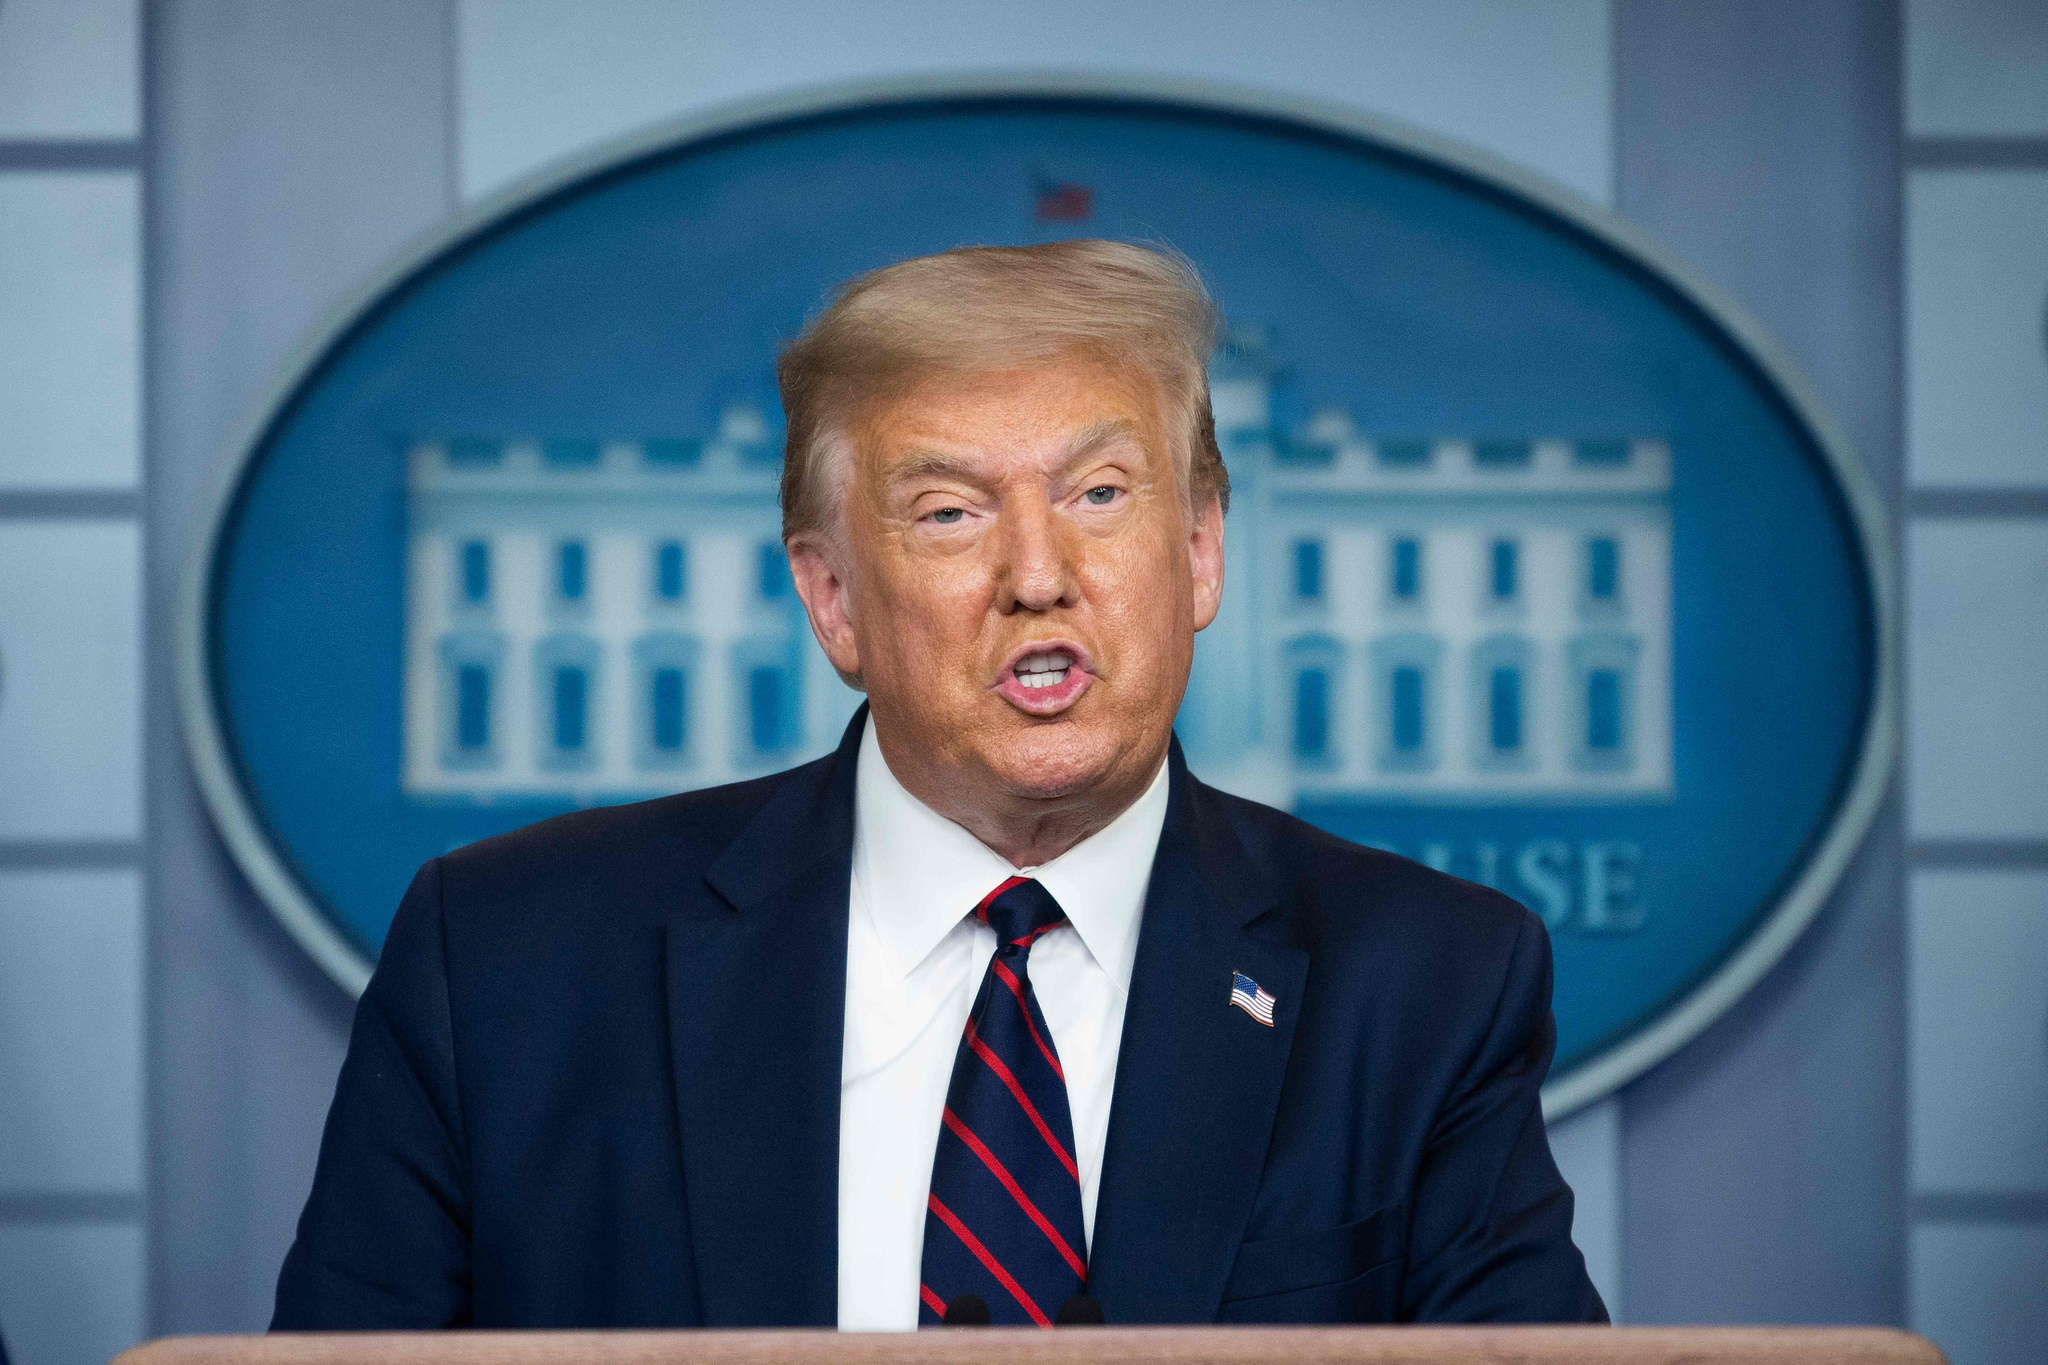 대선 연기 핵폭탄 던진 트럼프, 고작 몇시간만에 말바꿨다